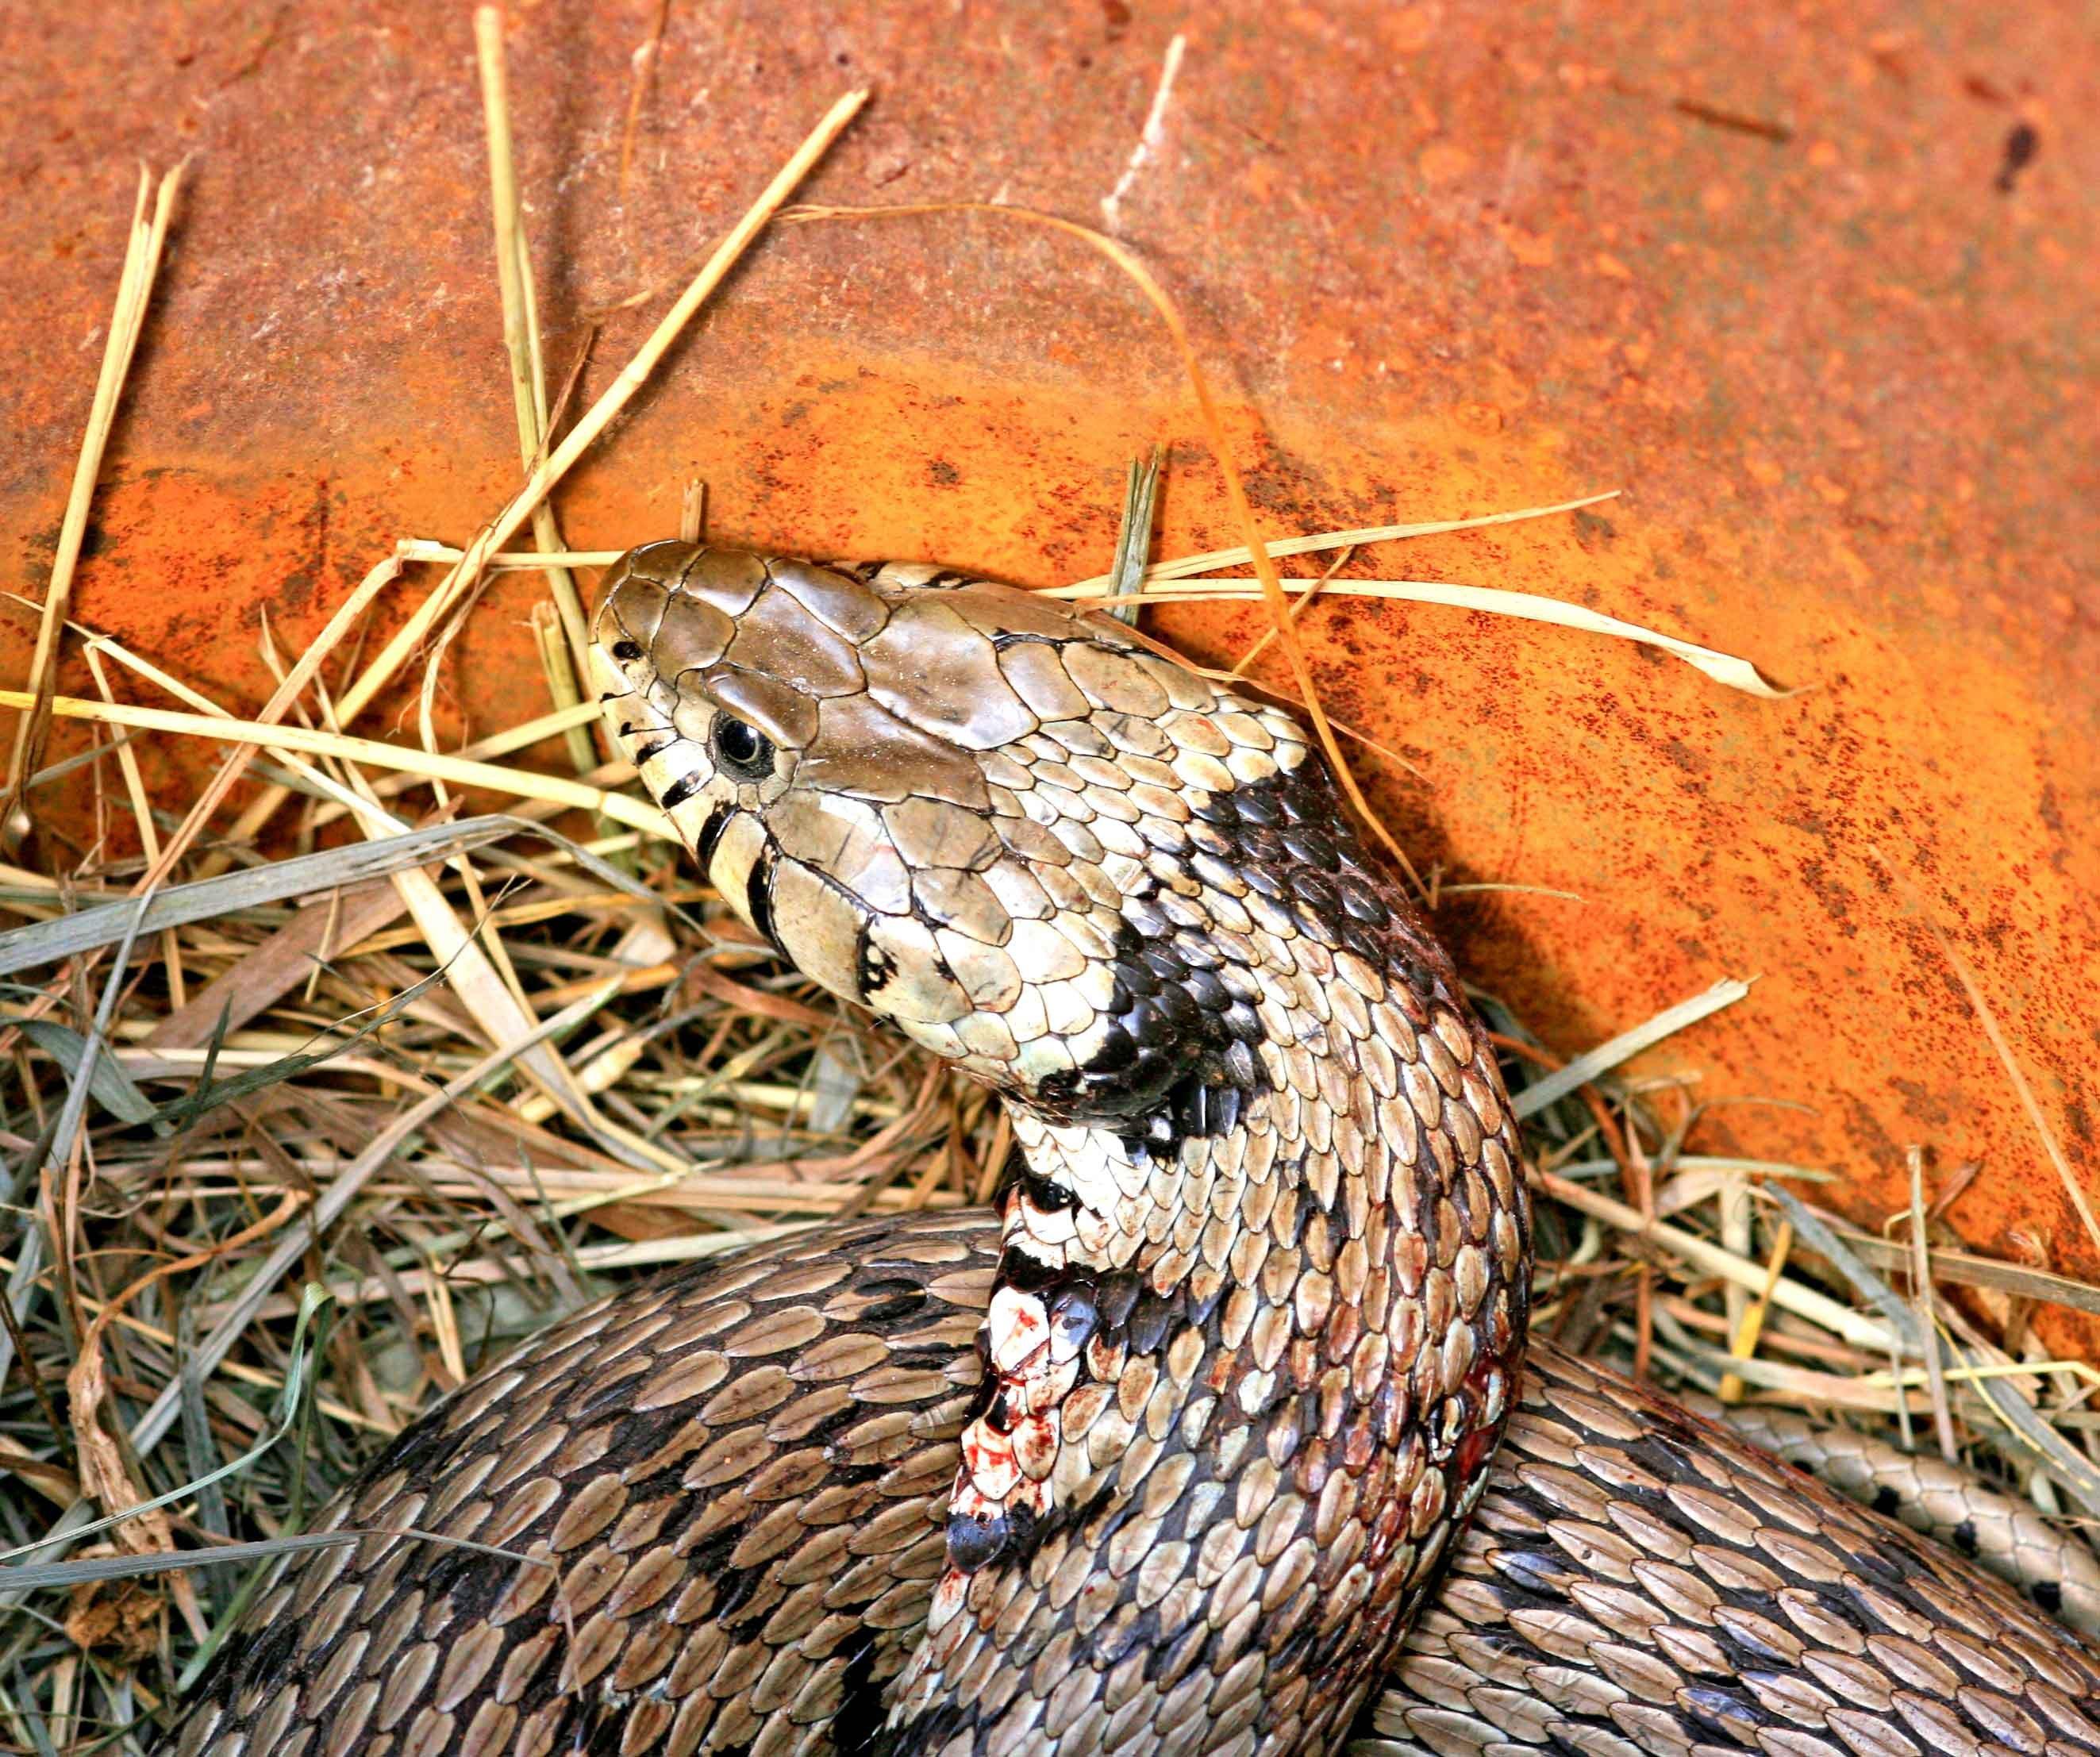 Allontanare Lucertole Dal Terrazzo un serpente in giardino: che fare? - cose di casa